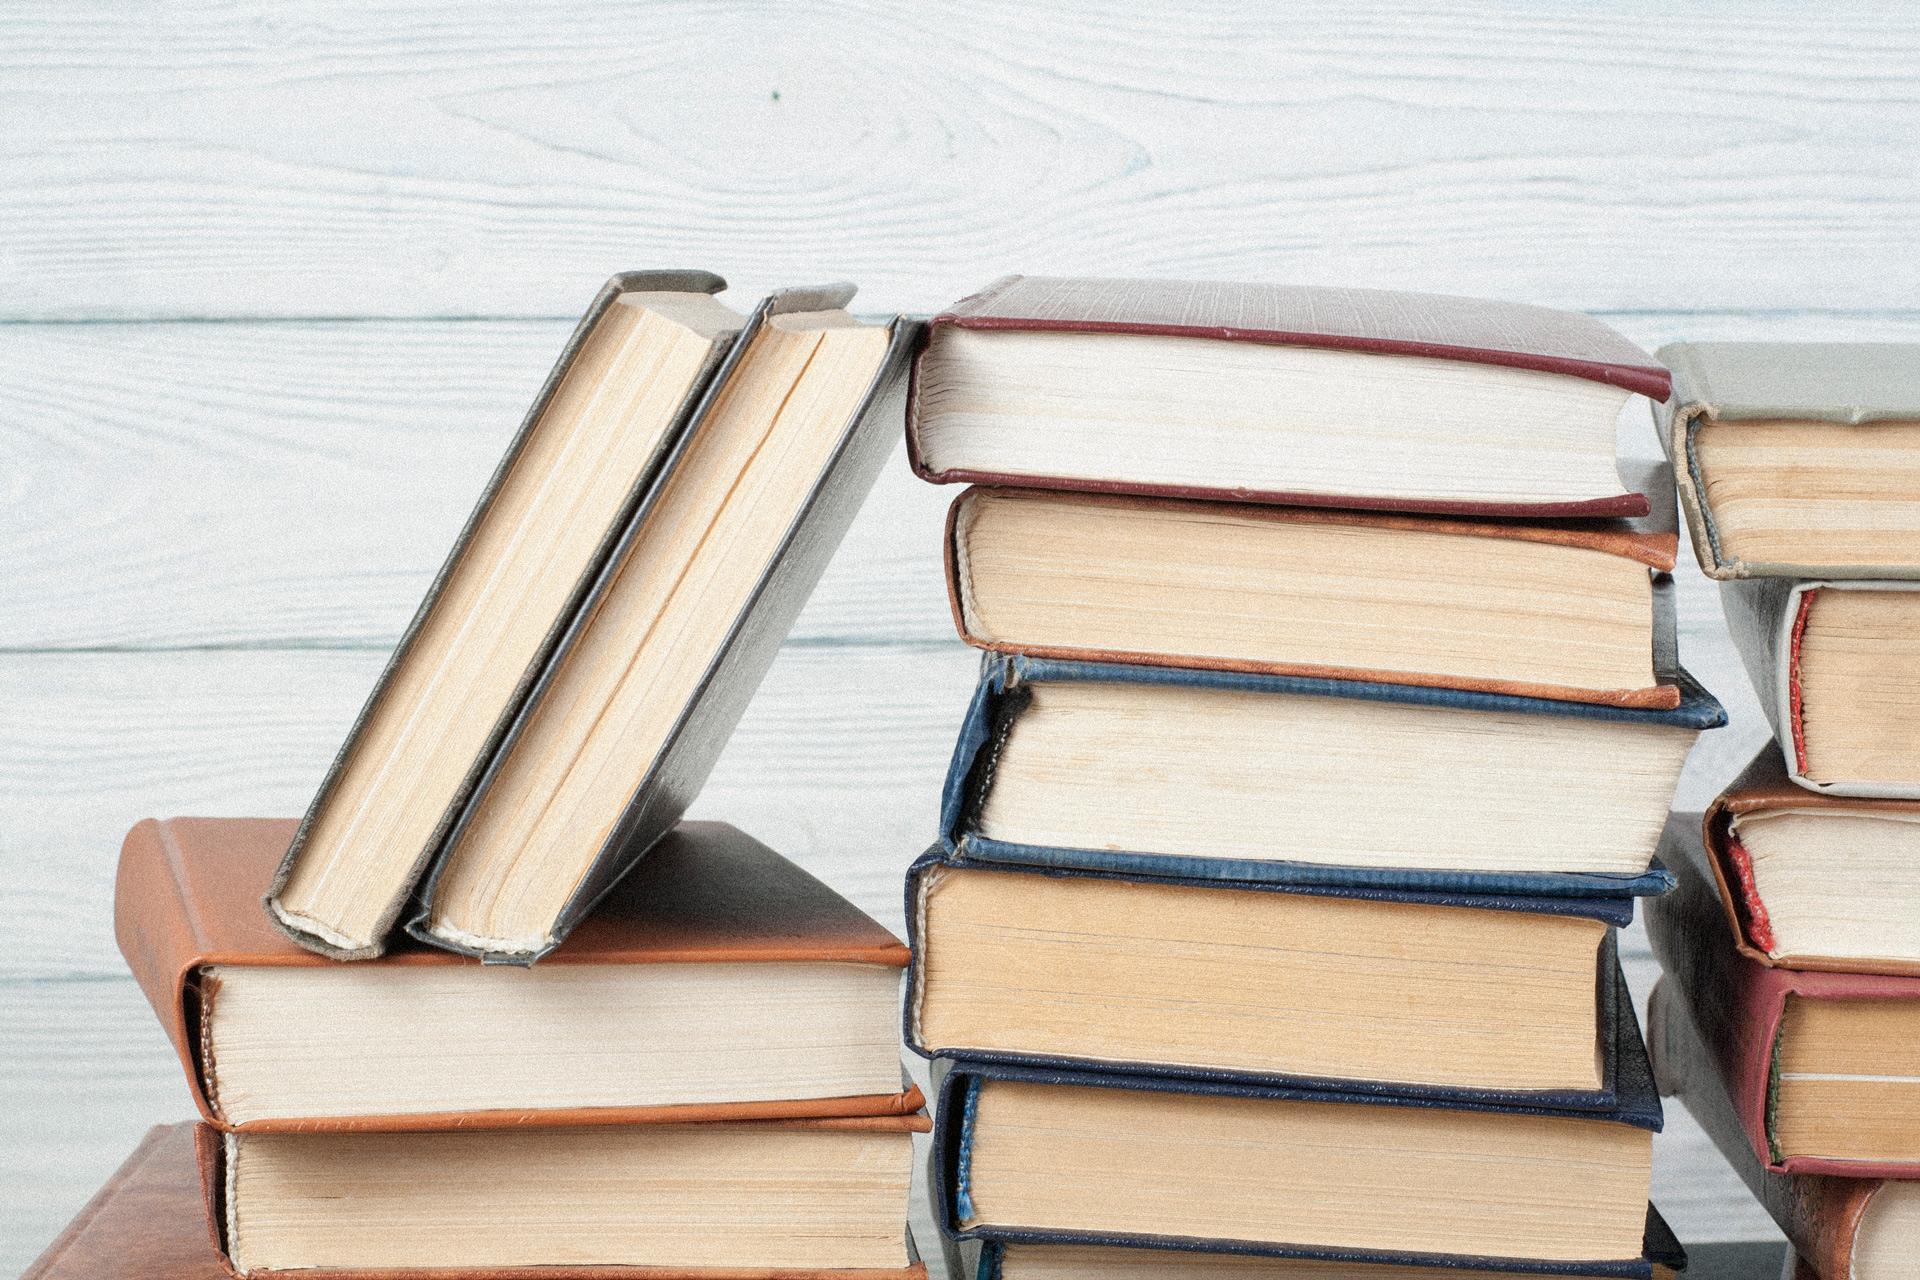 Stack-of-books - Michael Hyatt